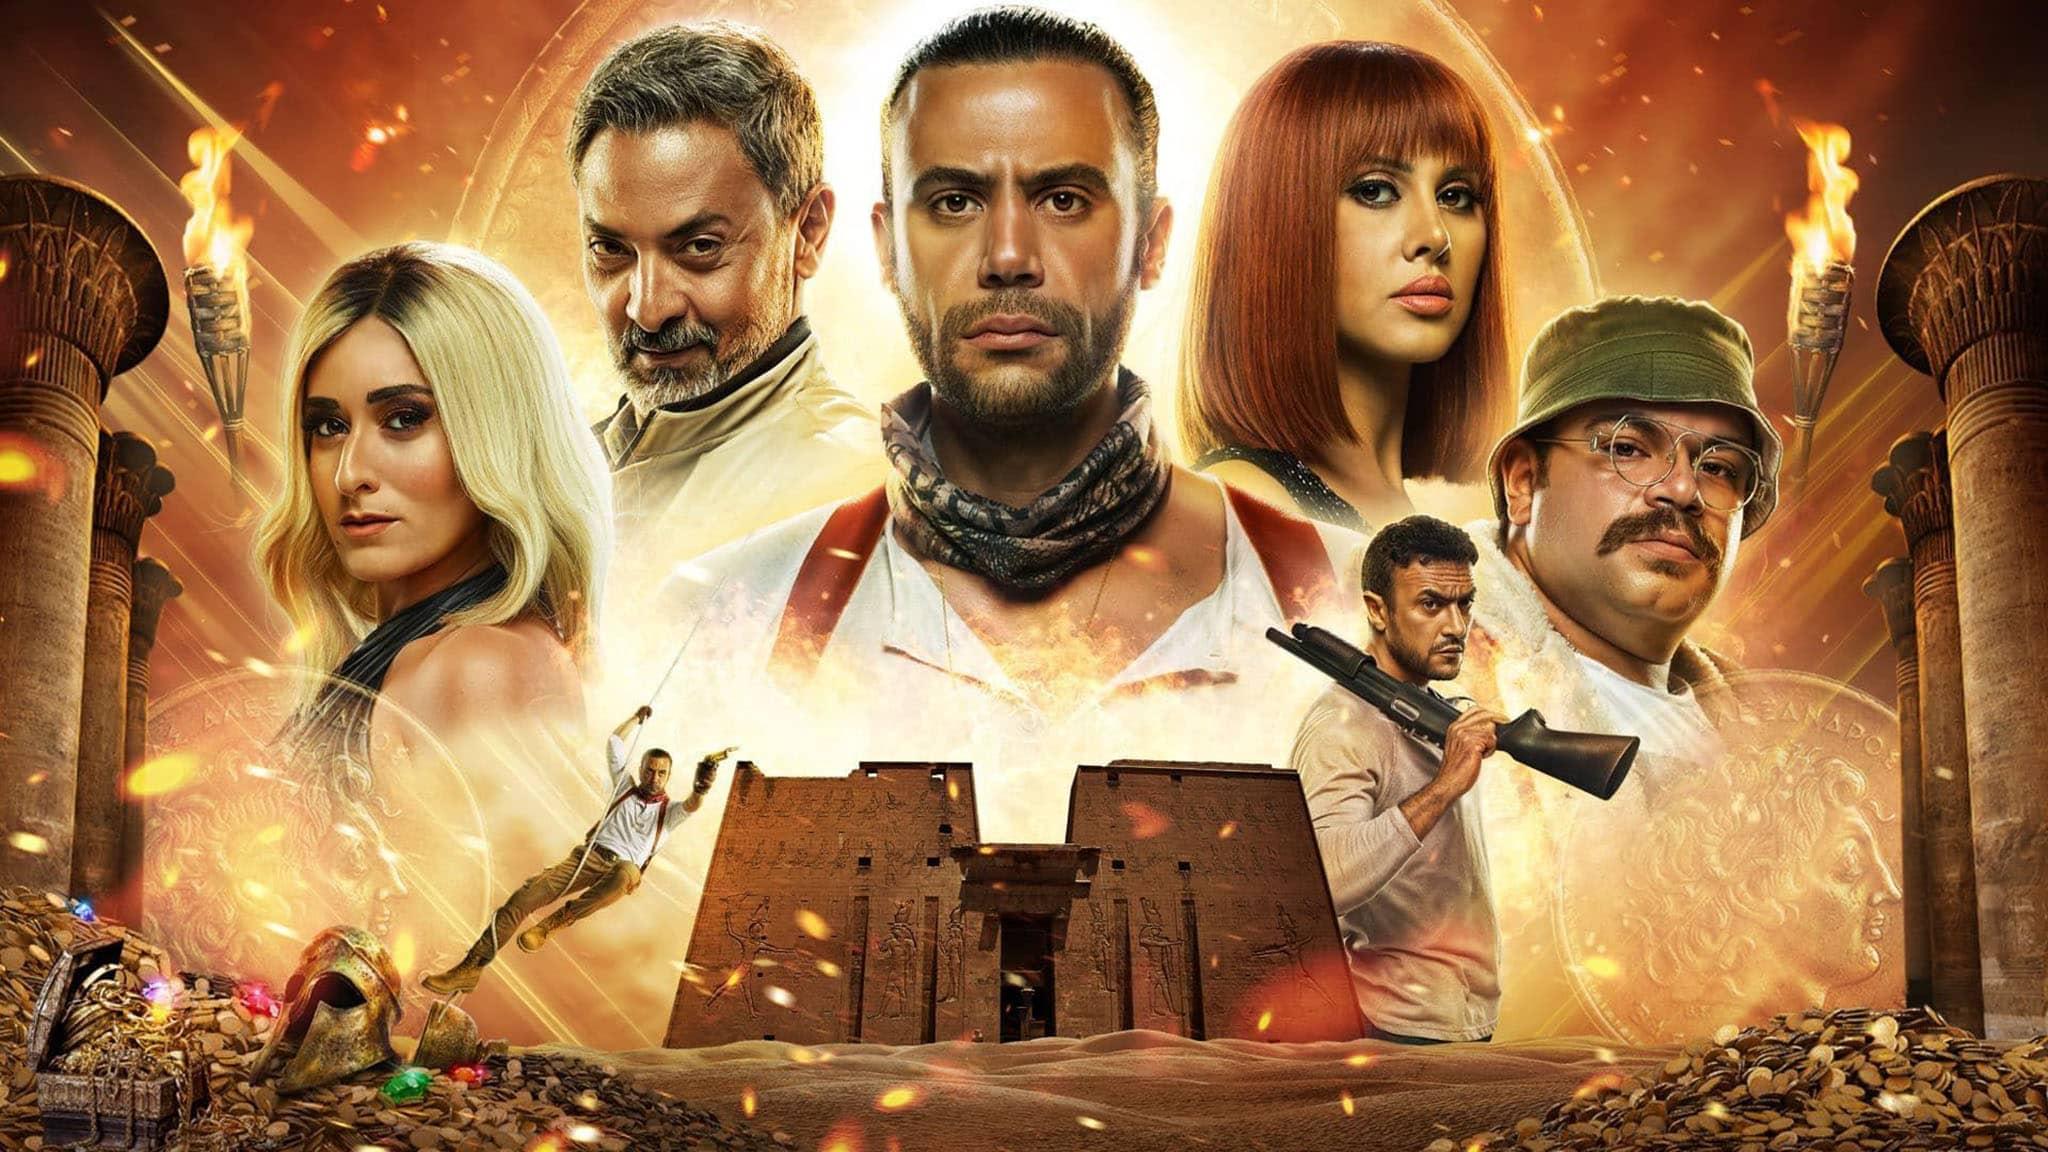 فيلم لص بغداد 2020